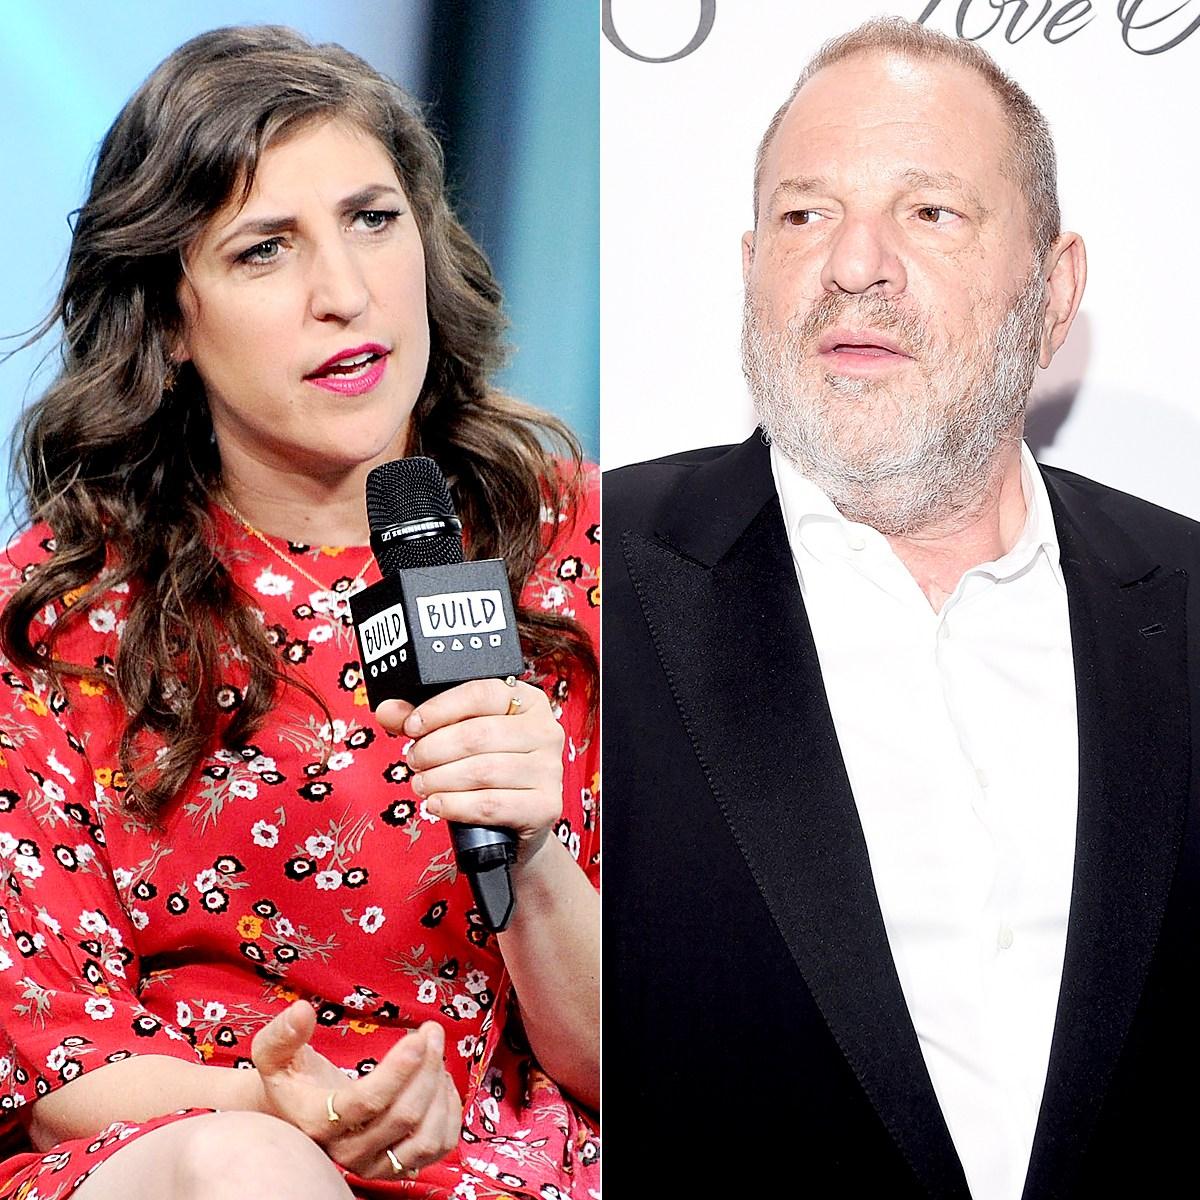 Mayim Bialik and Harvey Weinstein